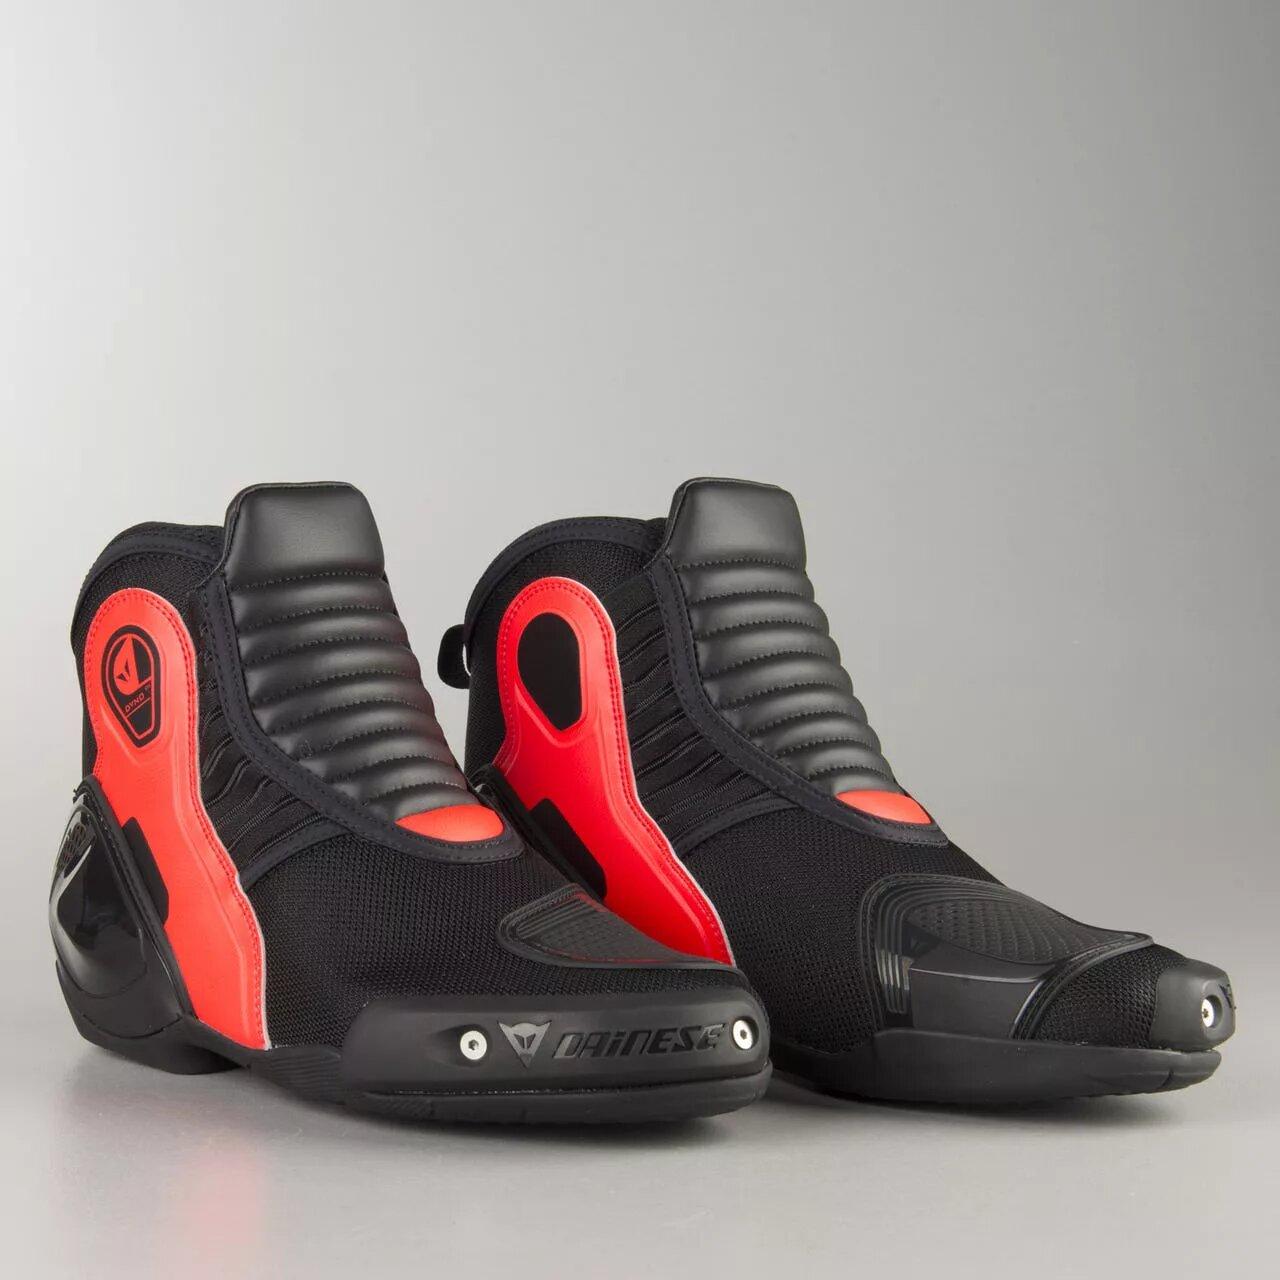 Chọn giày bảo hộ phù hợp với mục đích và nhu cầu sử dụng